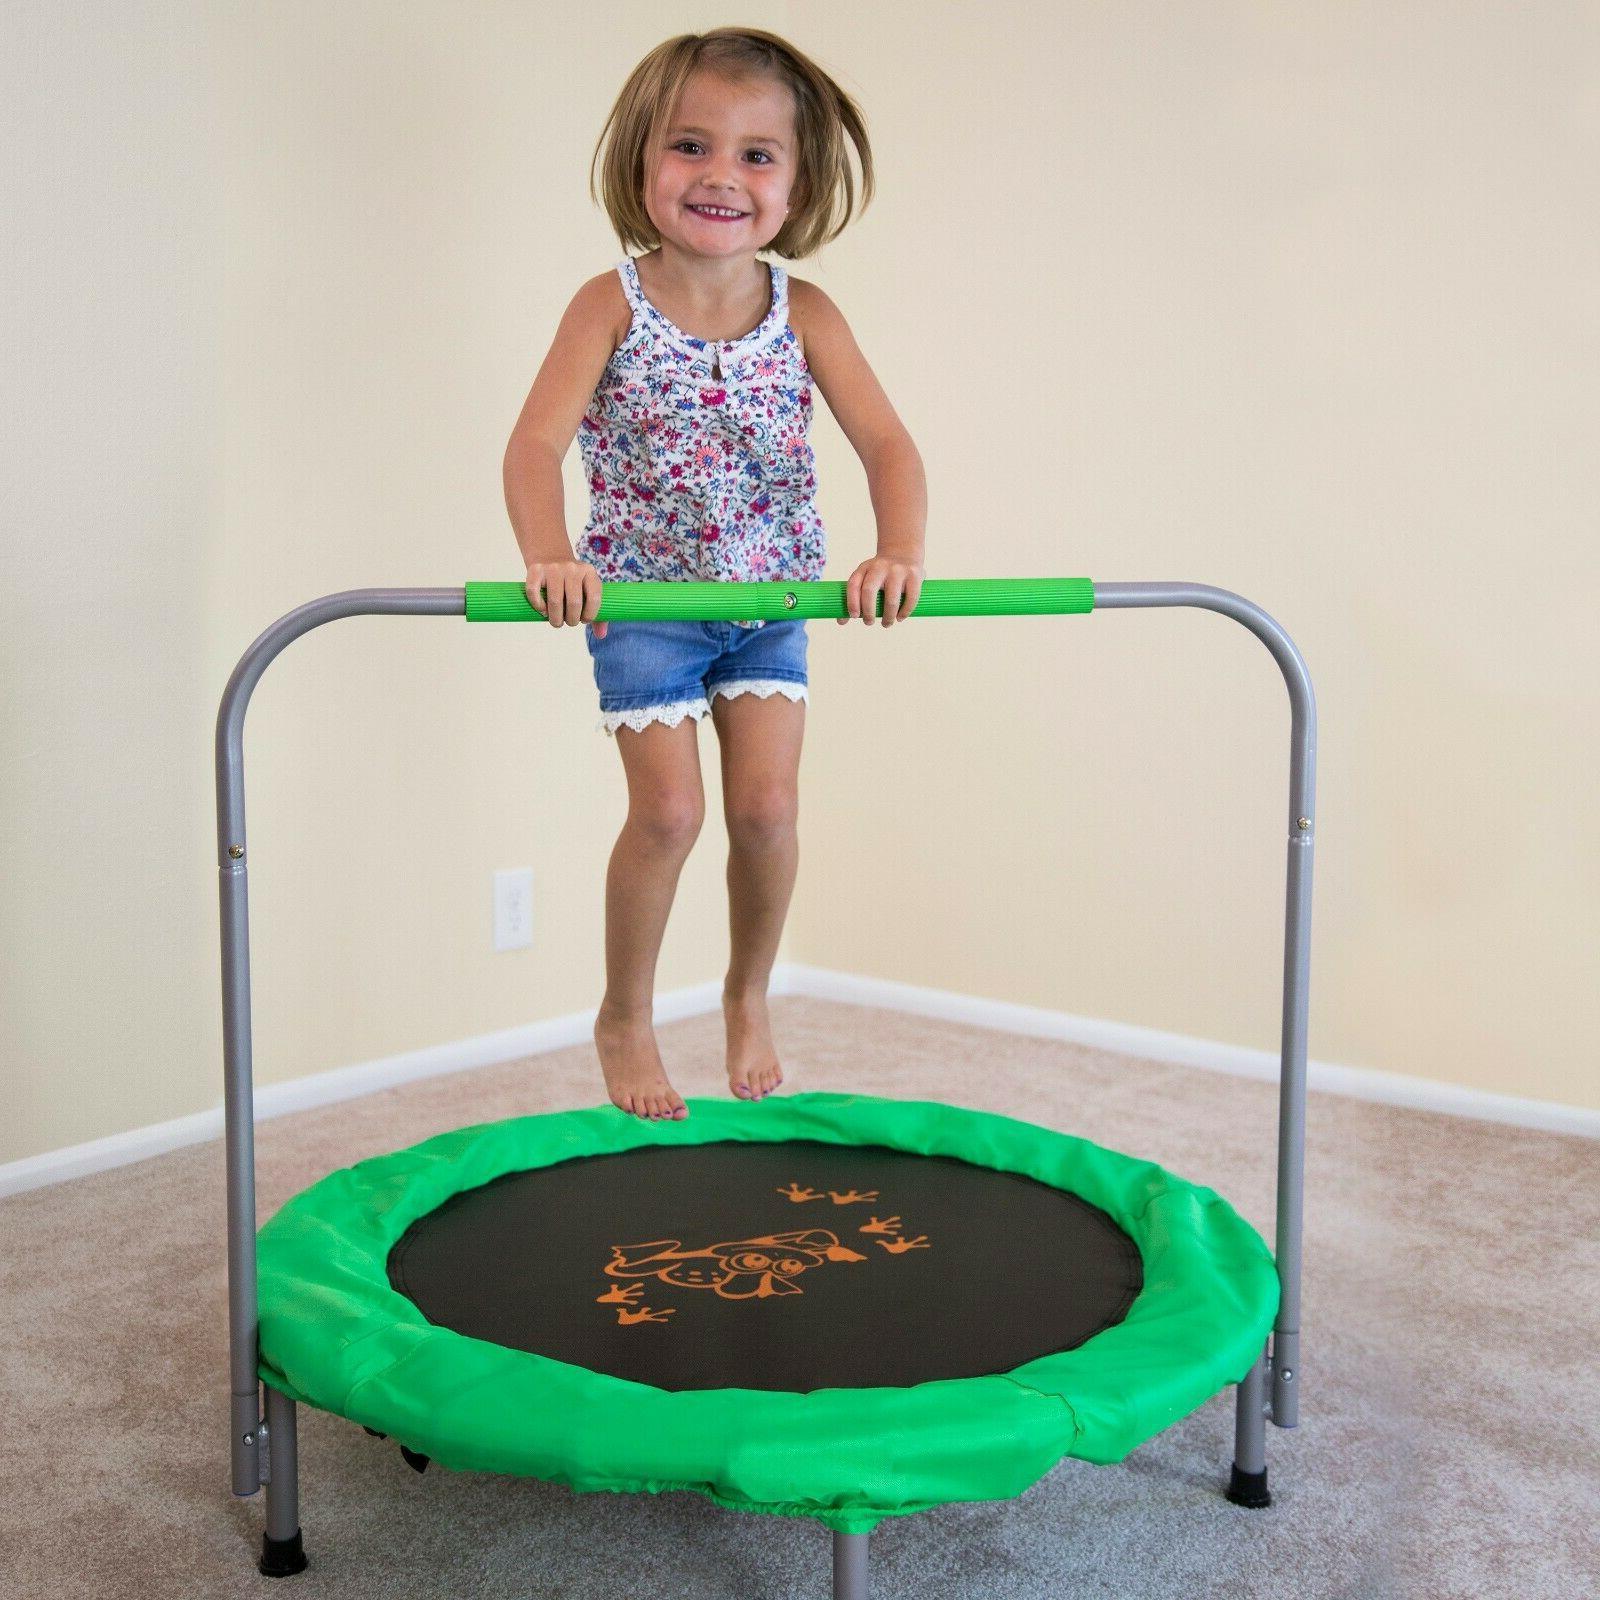 Mini Trampoline 36-Inch Bouncer